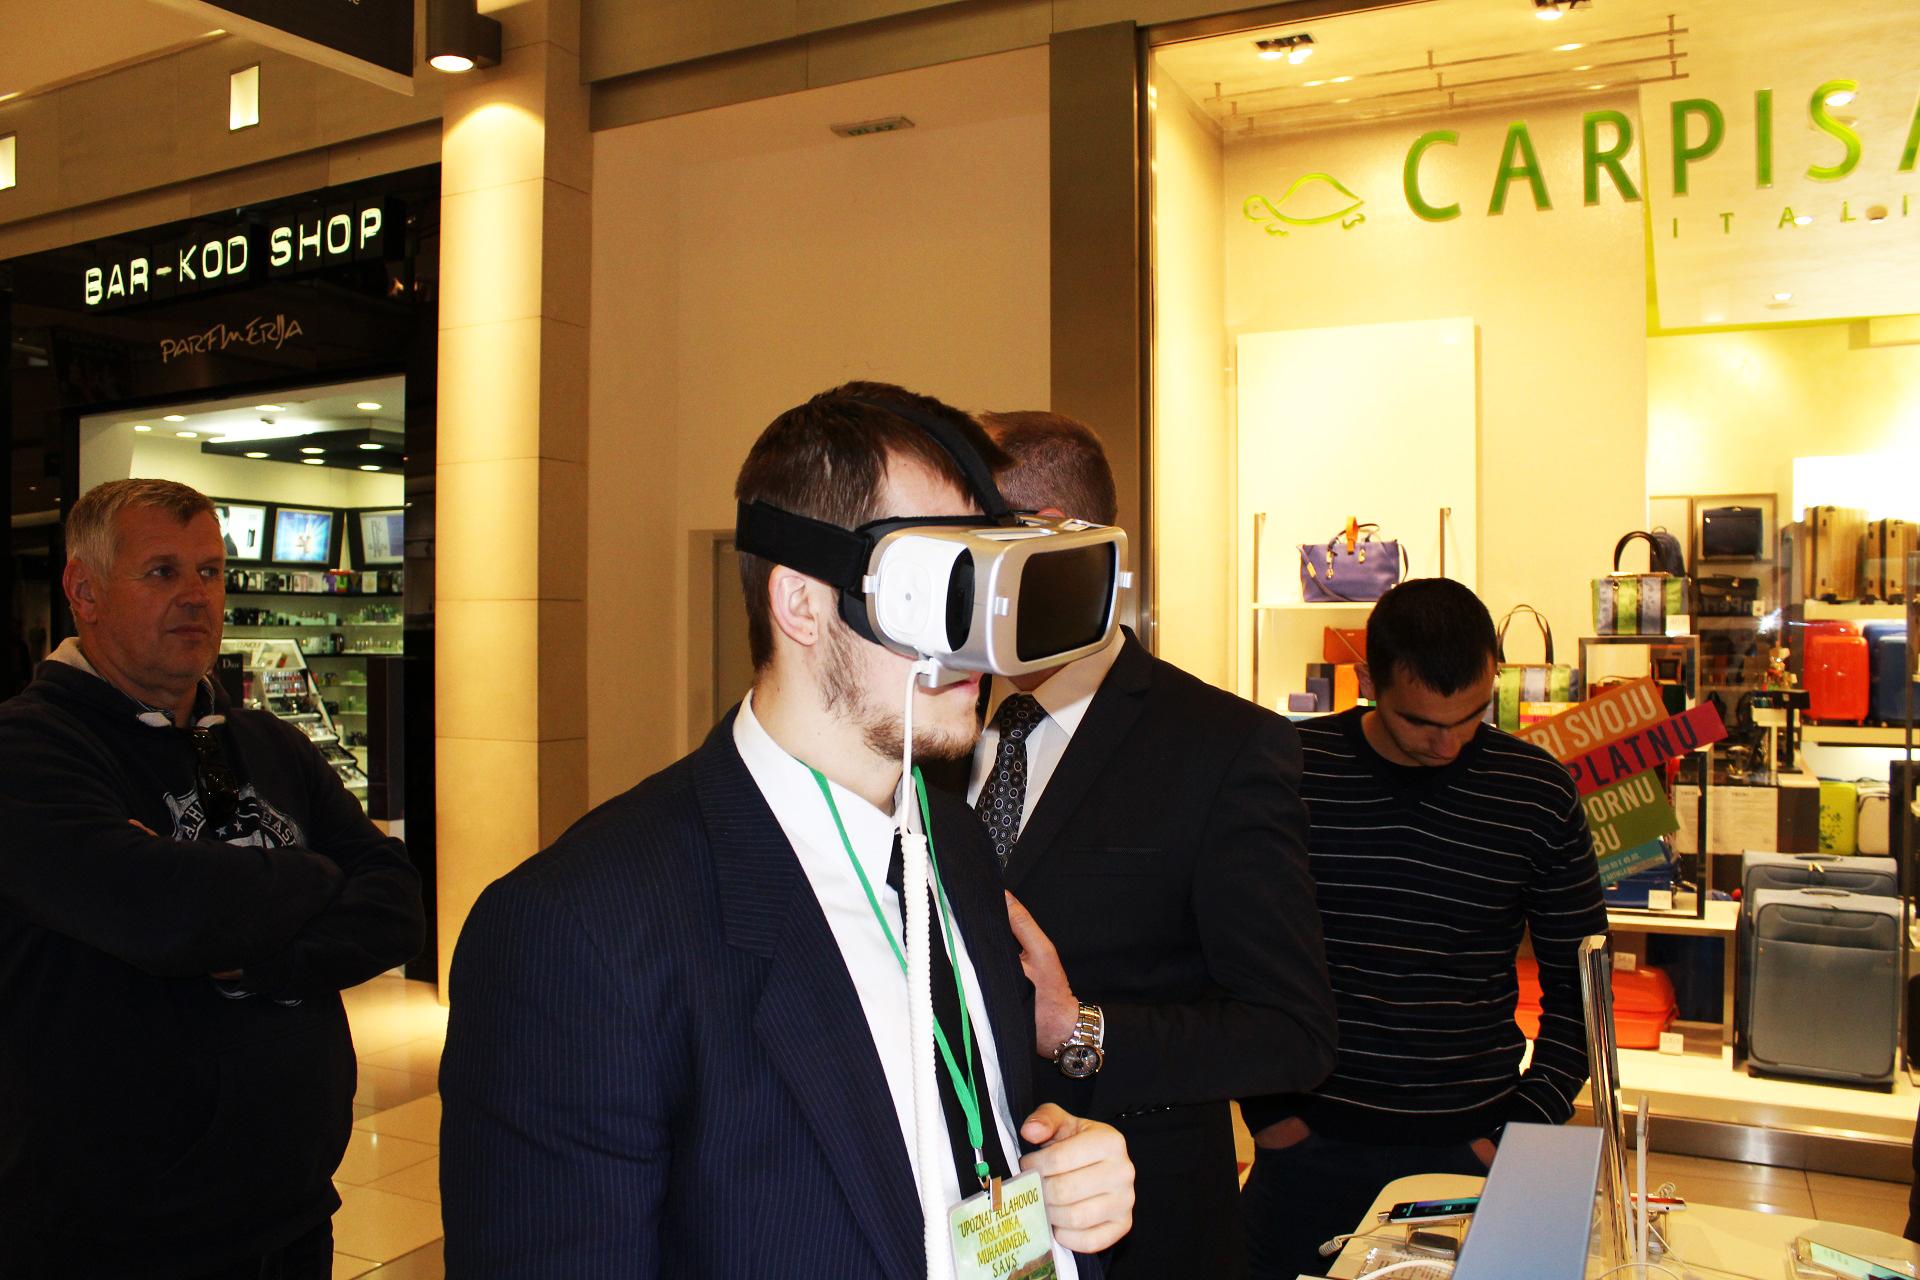 Nakon dugog, jako posjećenog dana ekipa Muzeja Allahovog Poslanika, alejhiselam, se zaputila u obilazak grada. Na slici je vodič Eldar Tutnić koji probava novu tehnologiju VR Headset-a.